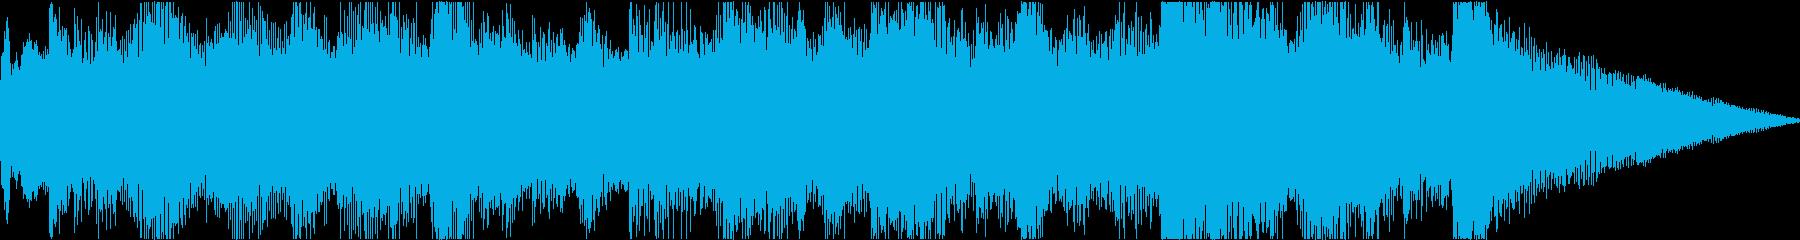 【15秒】プロローグ的な/TVCM用の再生済みの波形